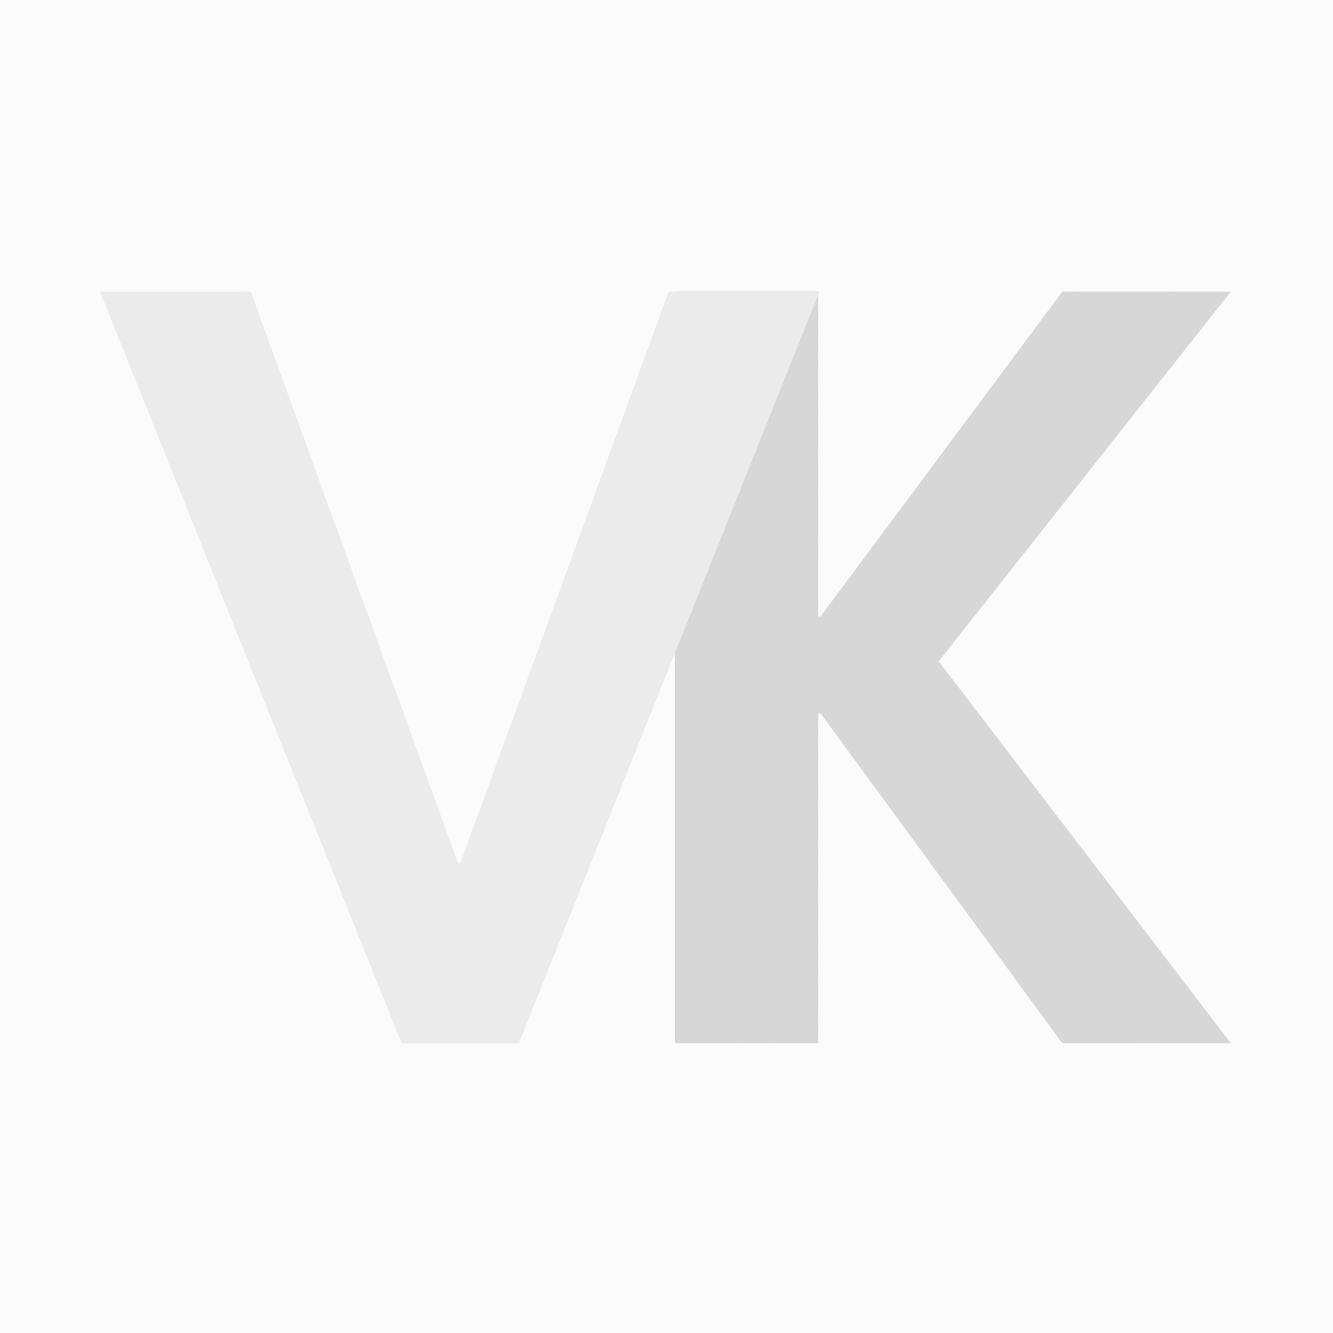 Kyone 1700 Cobalt Kappersschaar 5.5